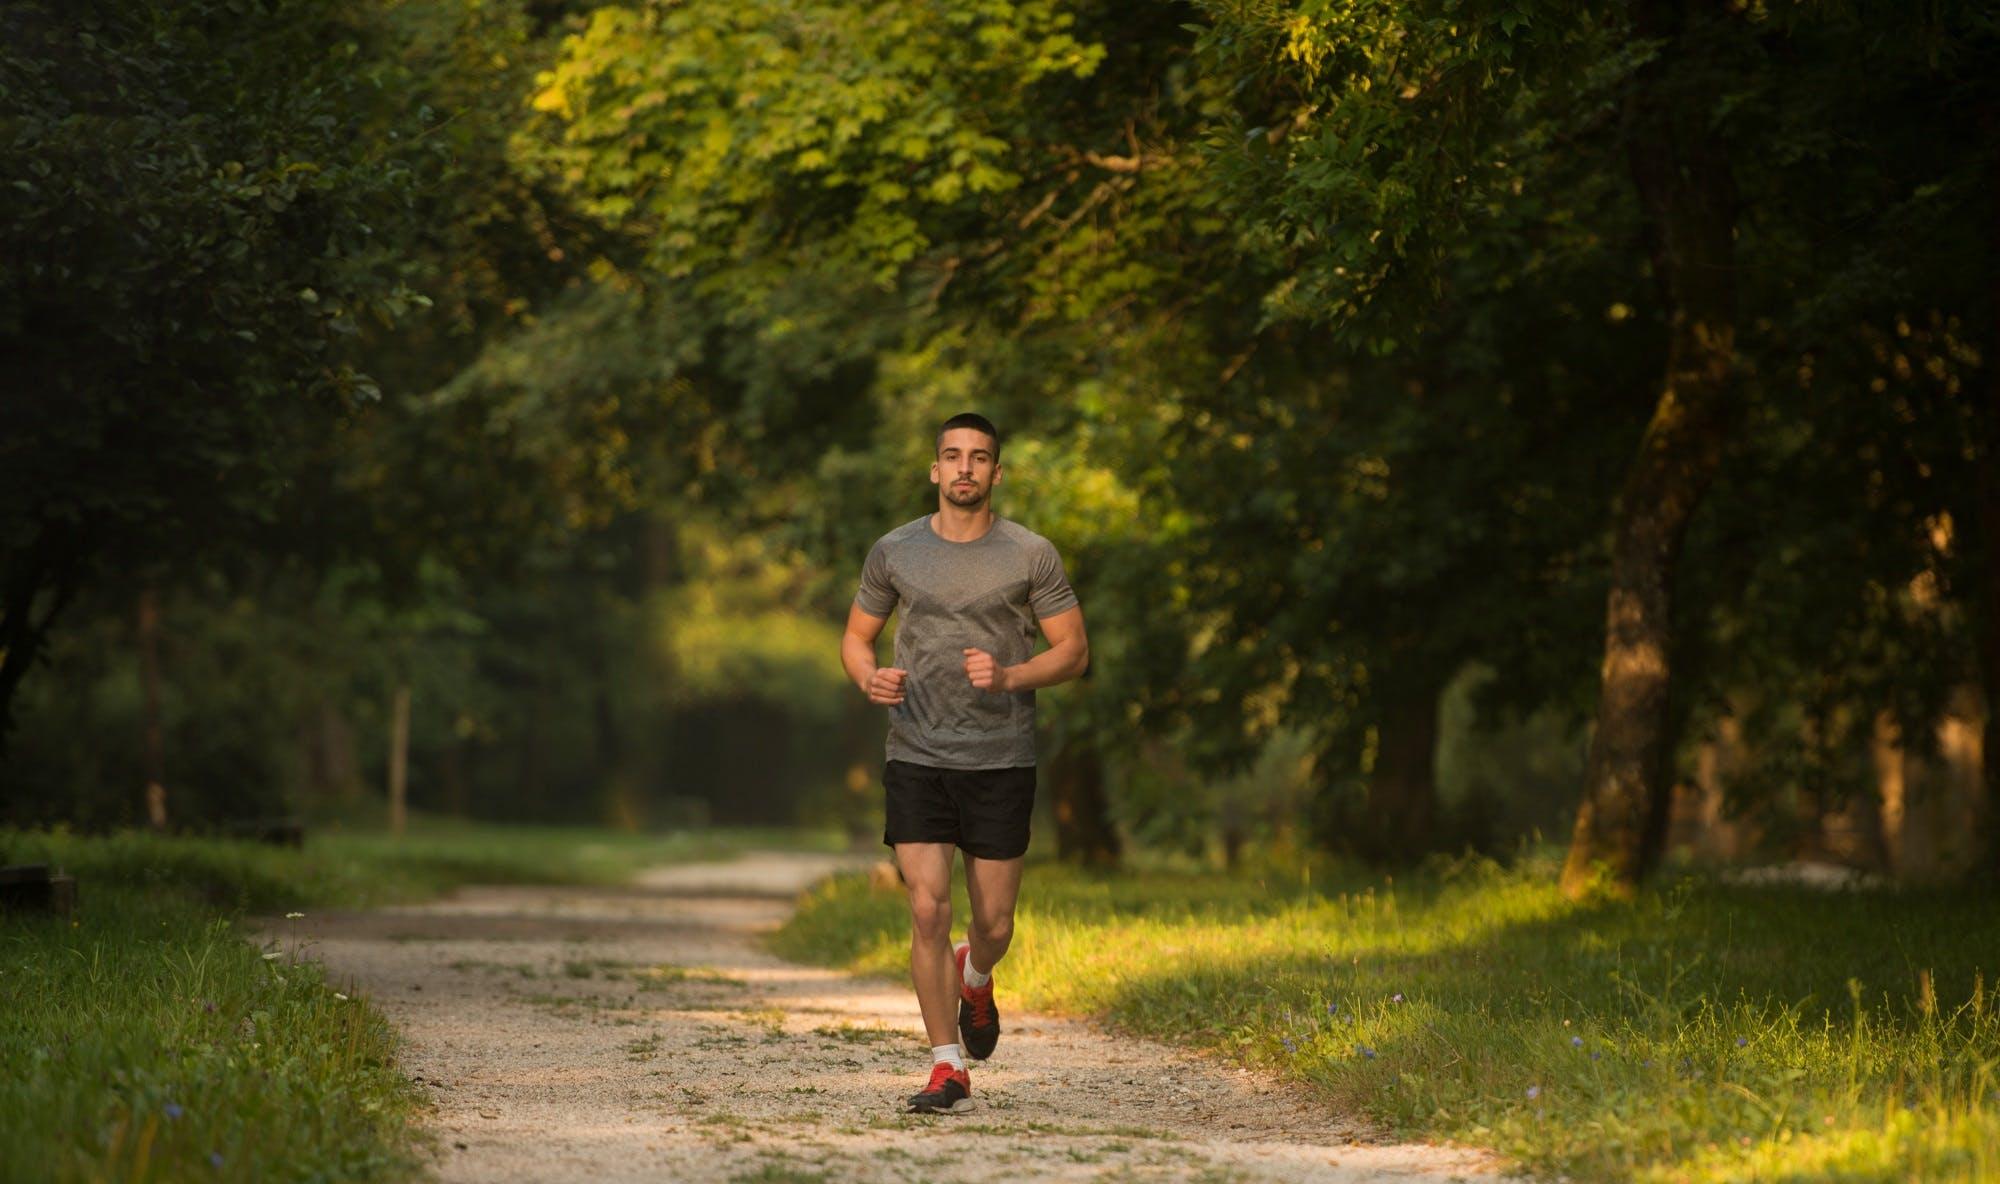 Τρέξτε με γλουτούς και ισχία και όχι με τoυς τετρακέφαλους